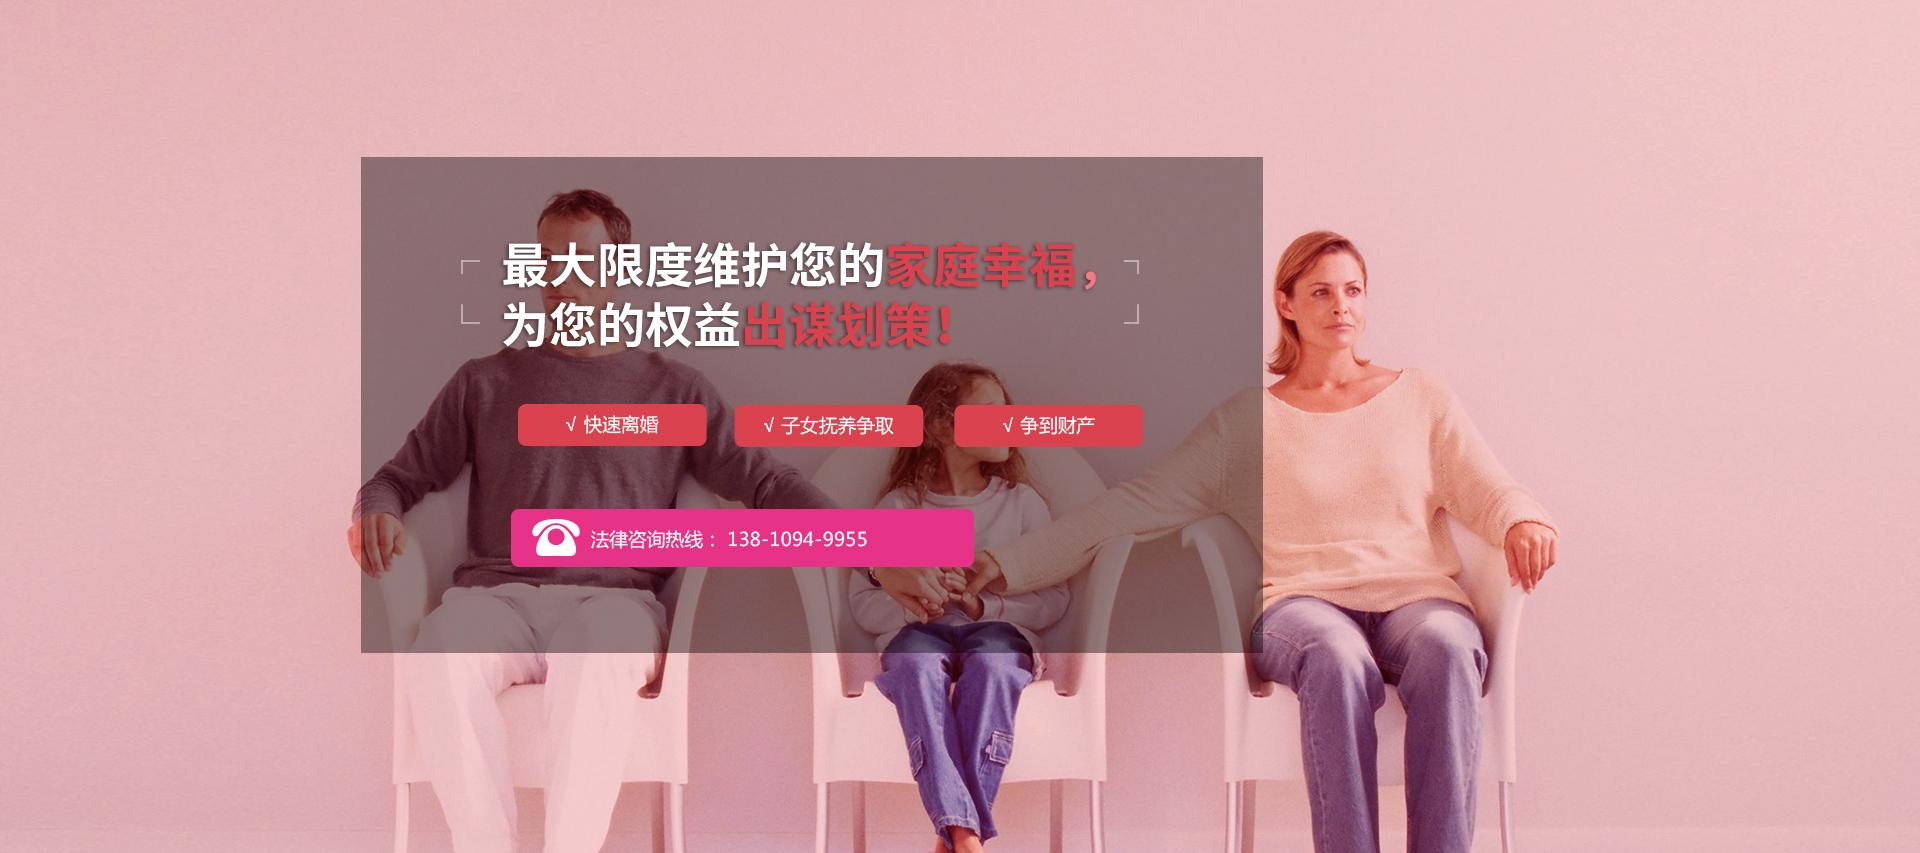 北京尚梓律师事务所-婚姻家庭服务